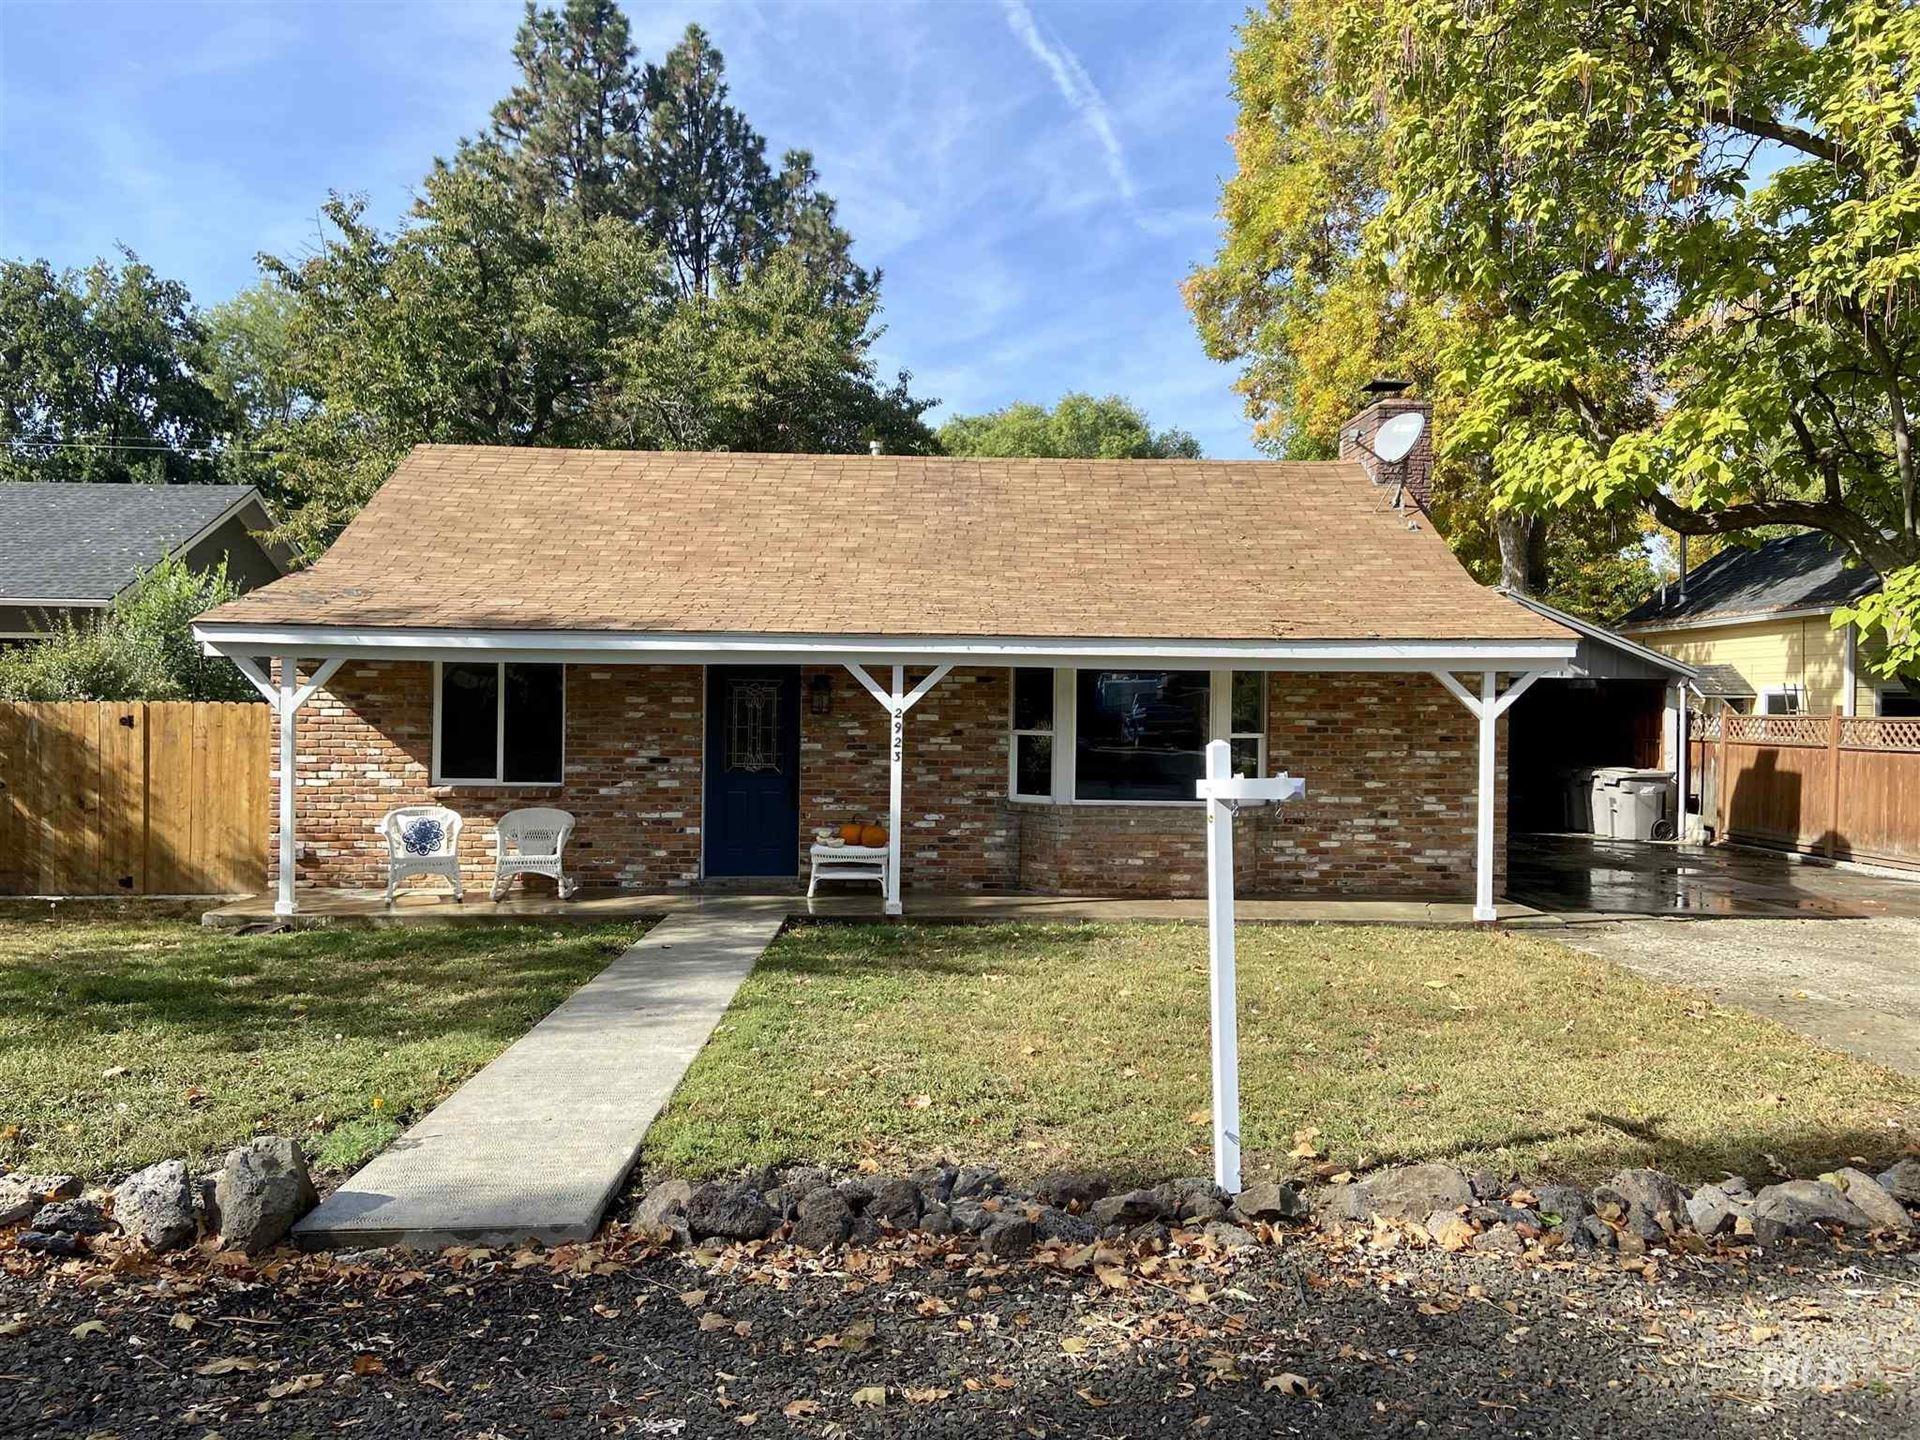 2923 N Woody Dr, Boise, ID 83703-4864 - MLS#: 98784312